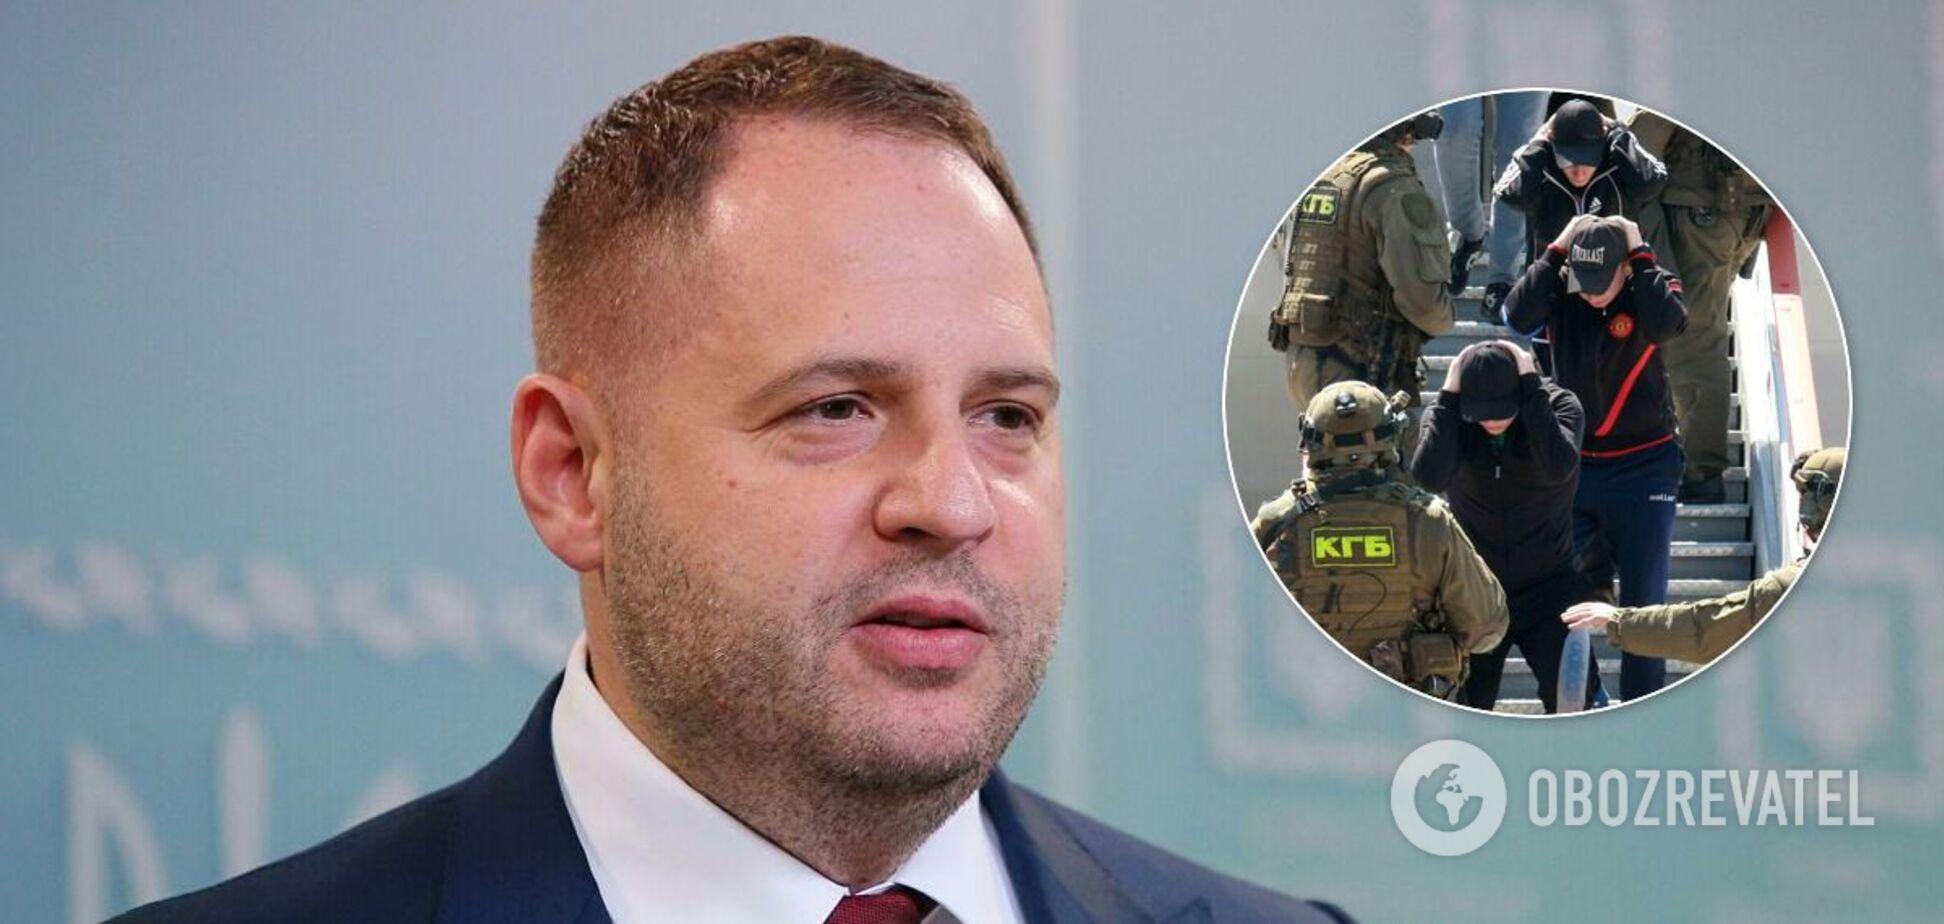 Главу ОПУ Андрія Єрмака підозрюють у зриві операції з вагнерівцями